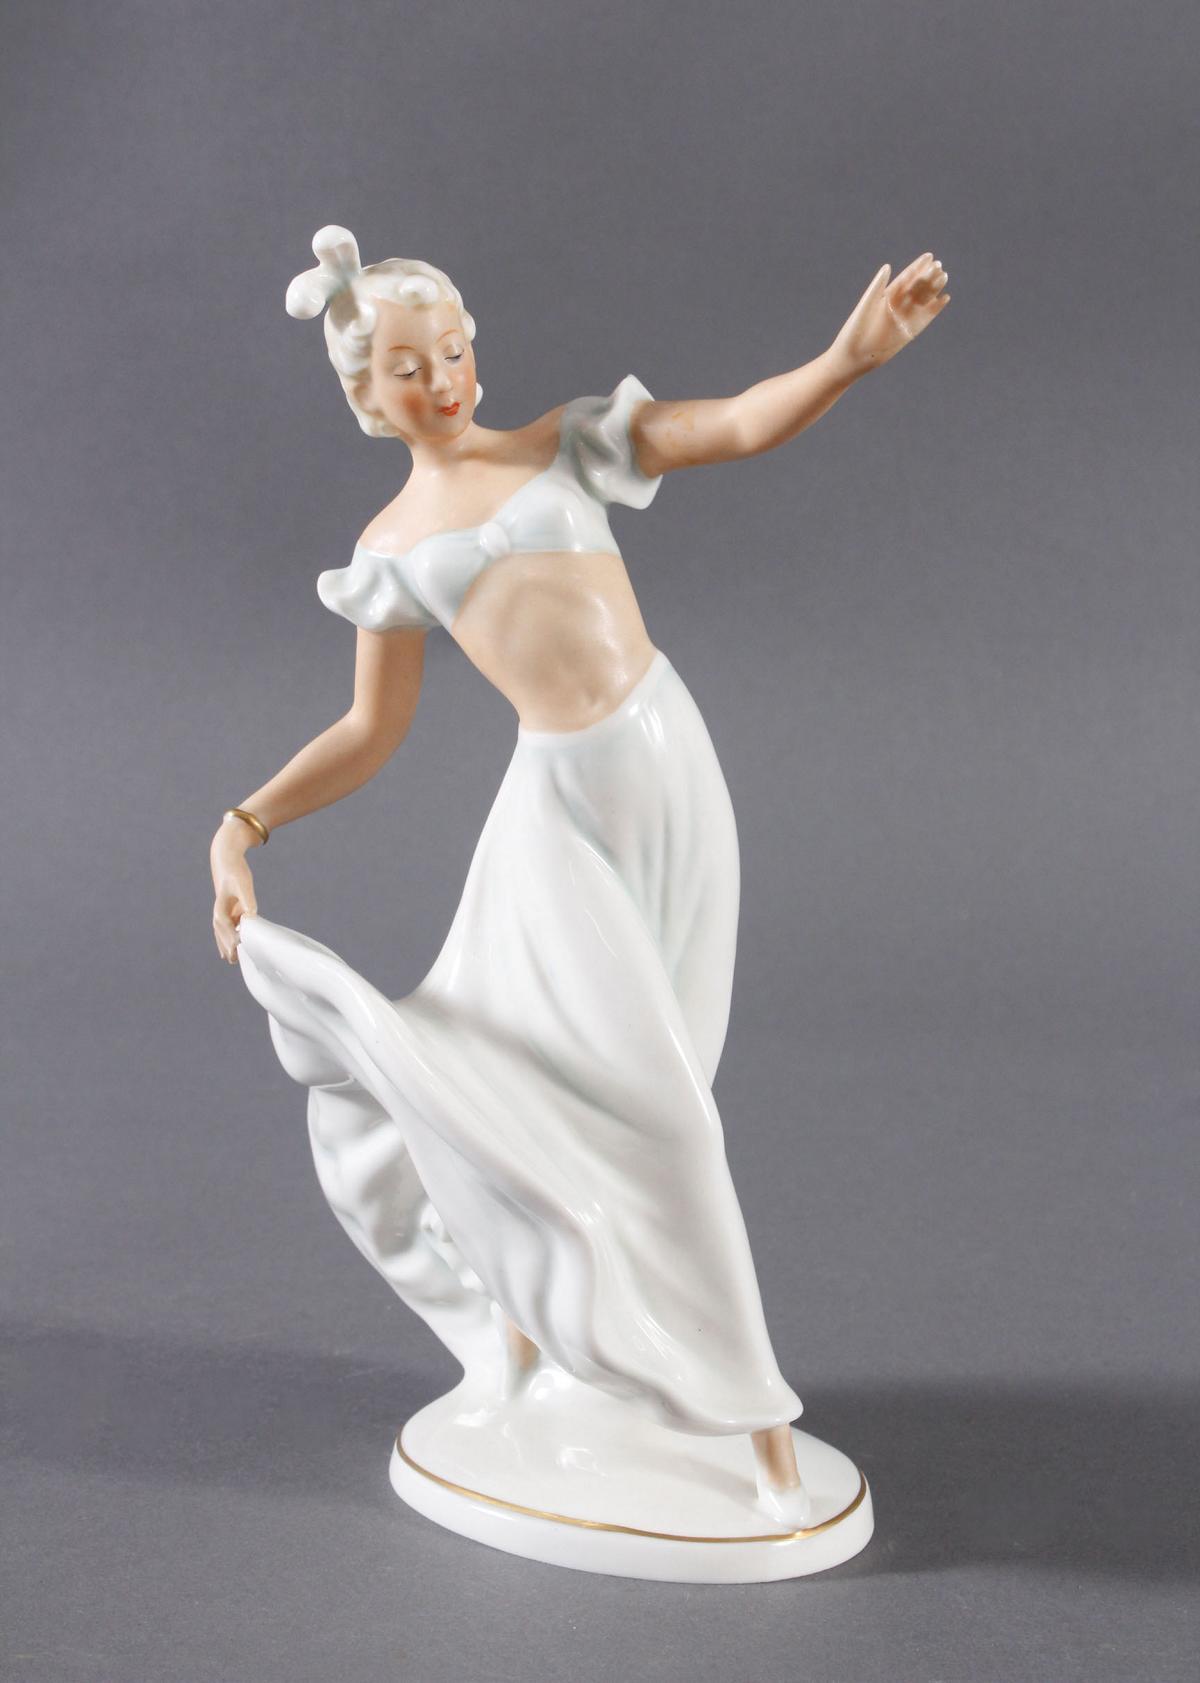 Porzellanfigur 'Tänzerin', Schaubach Kunst um 1930